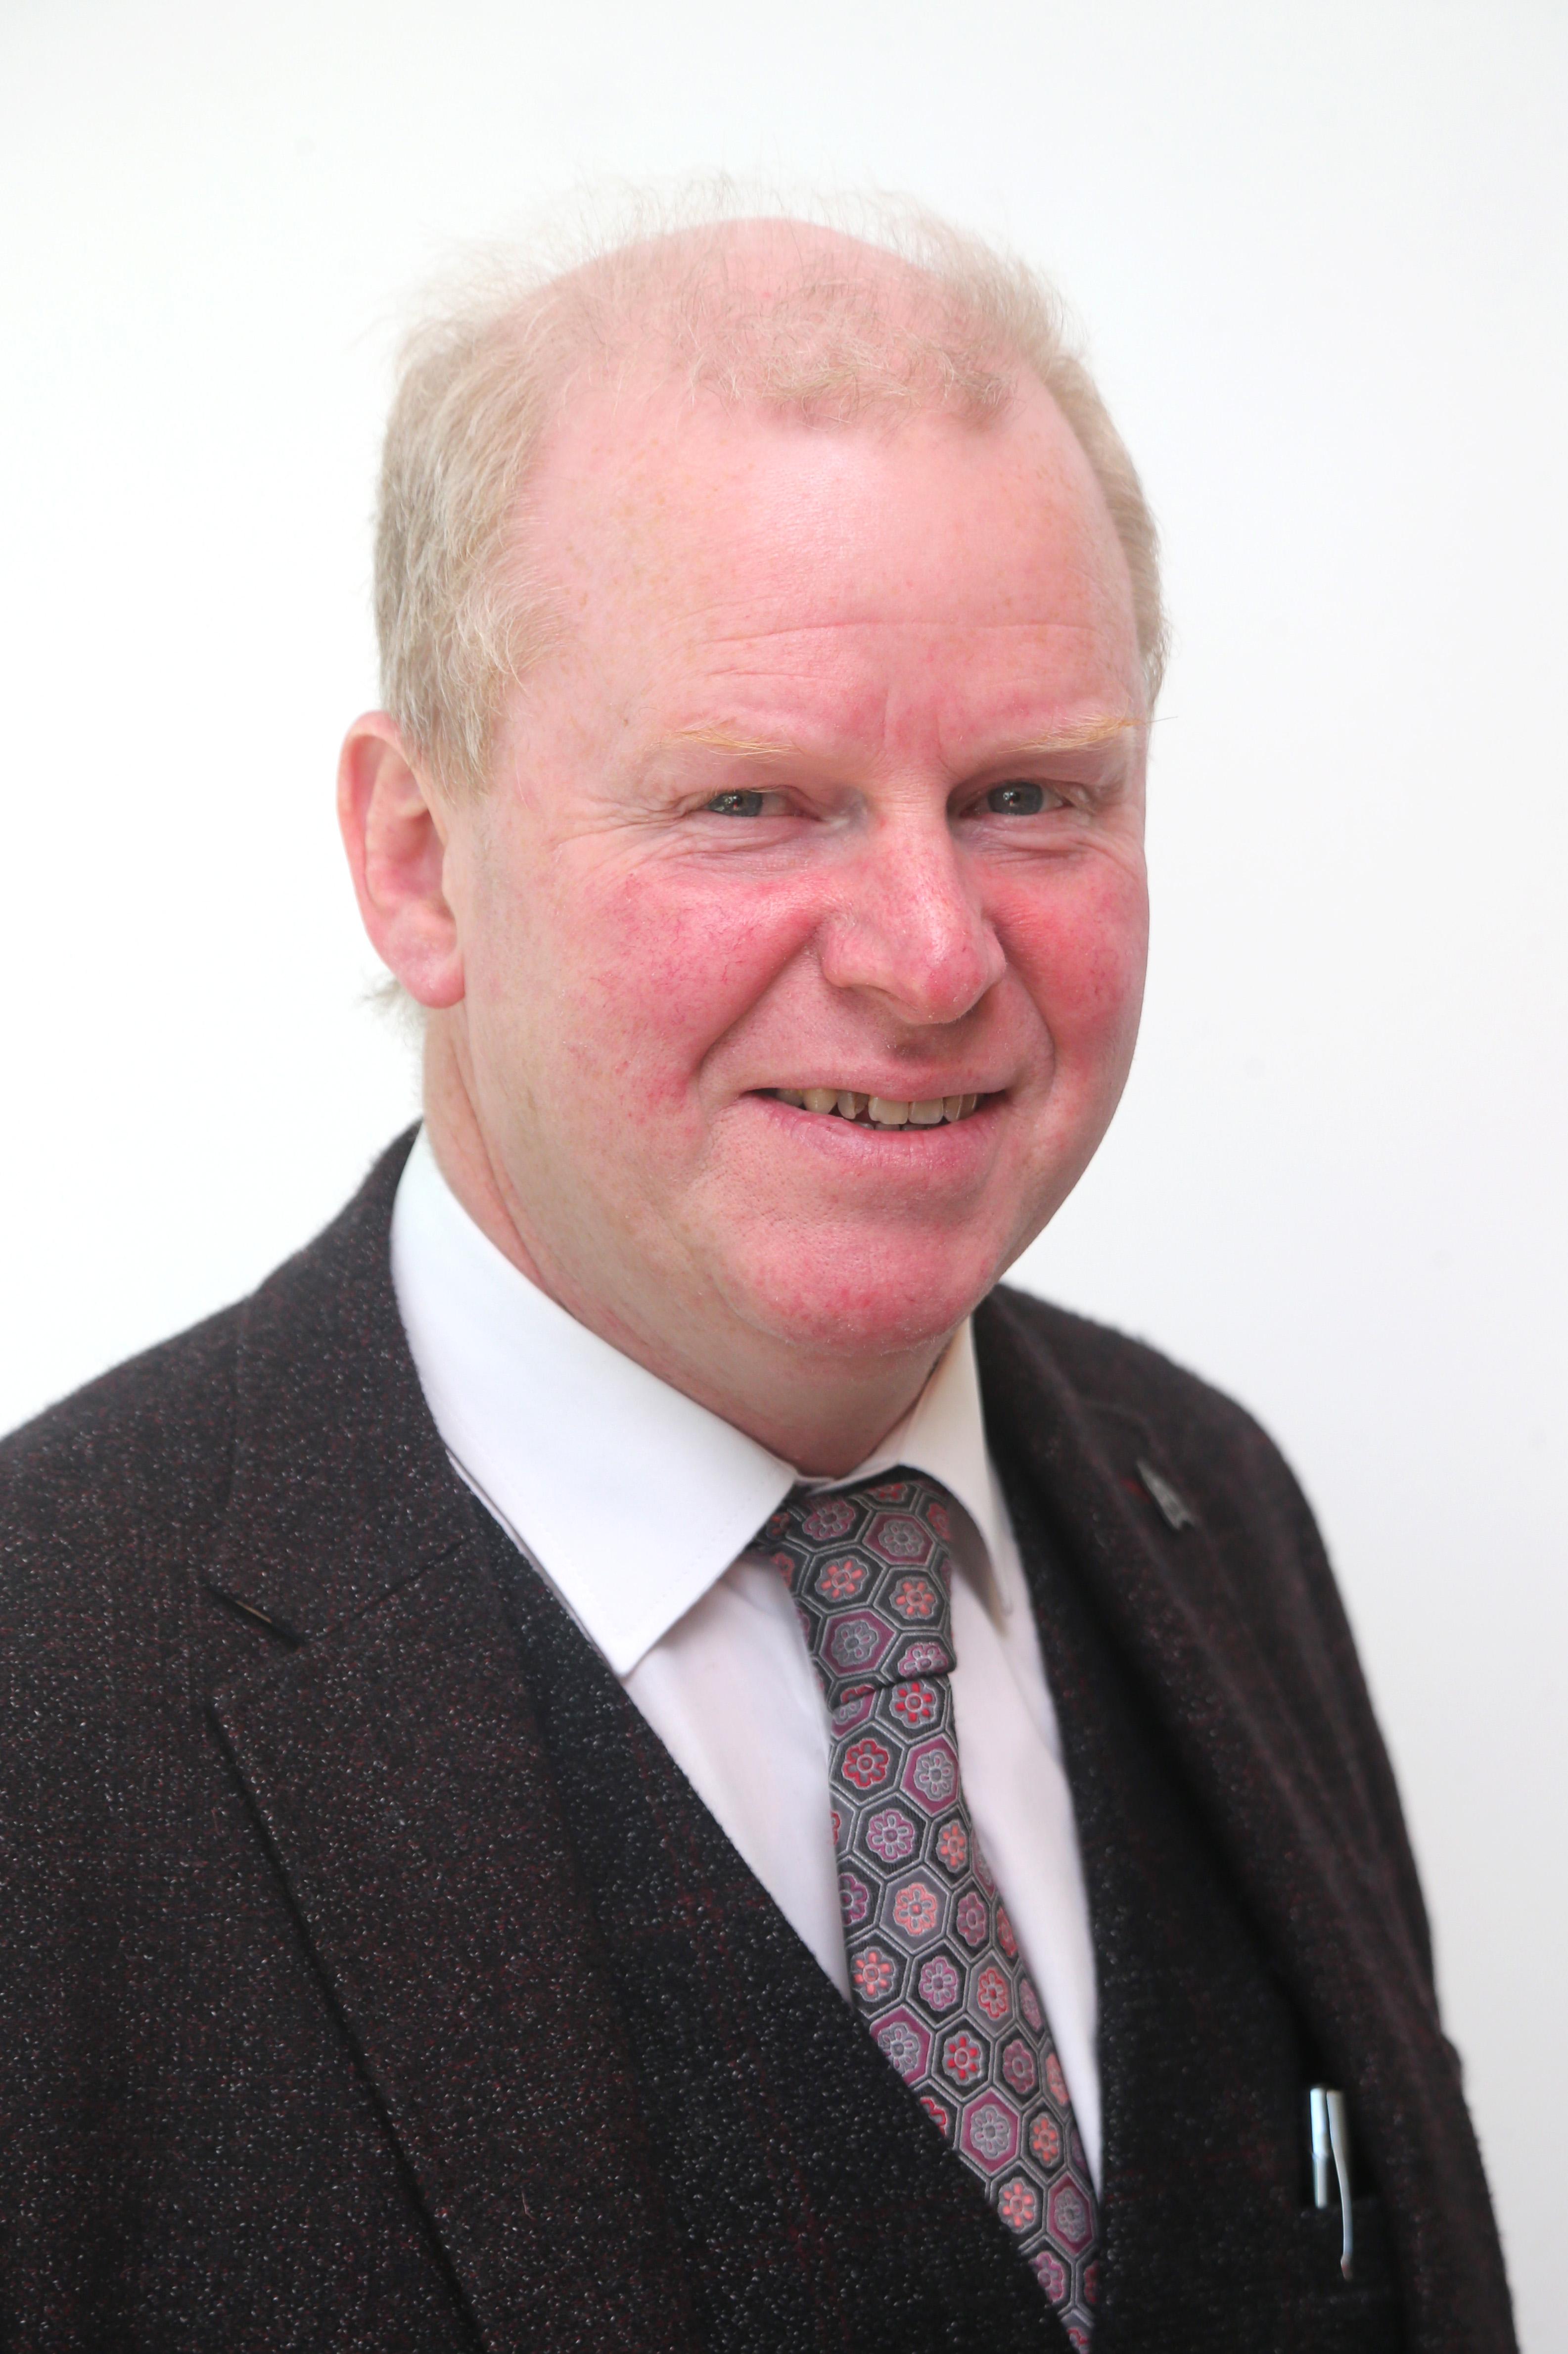 Image of Alderman